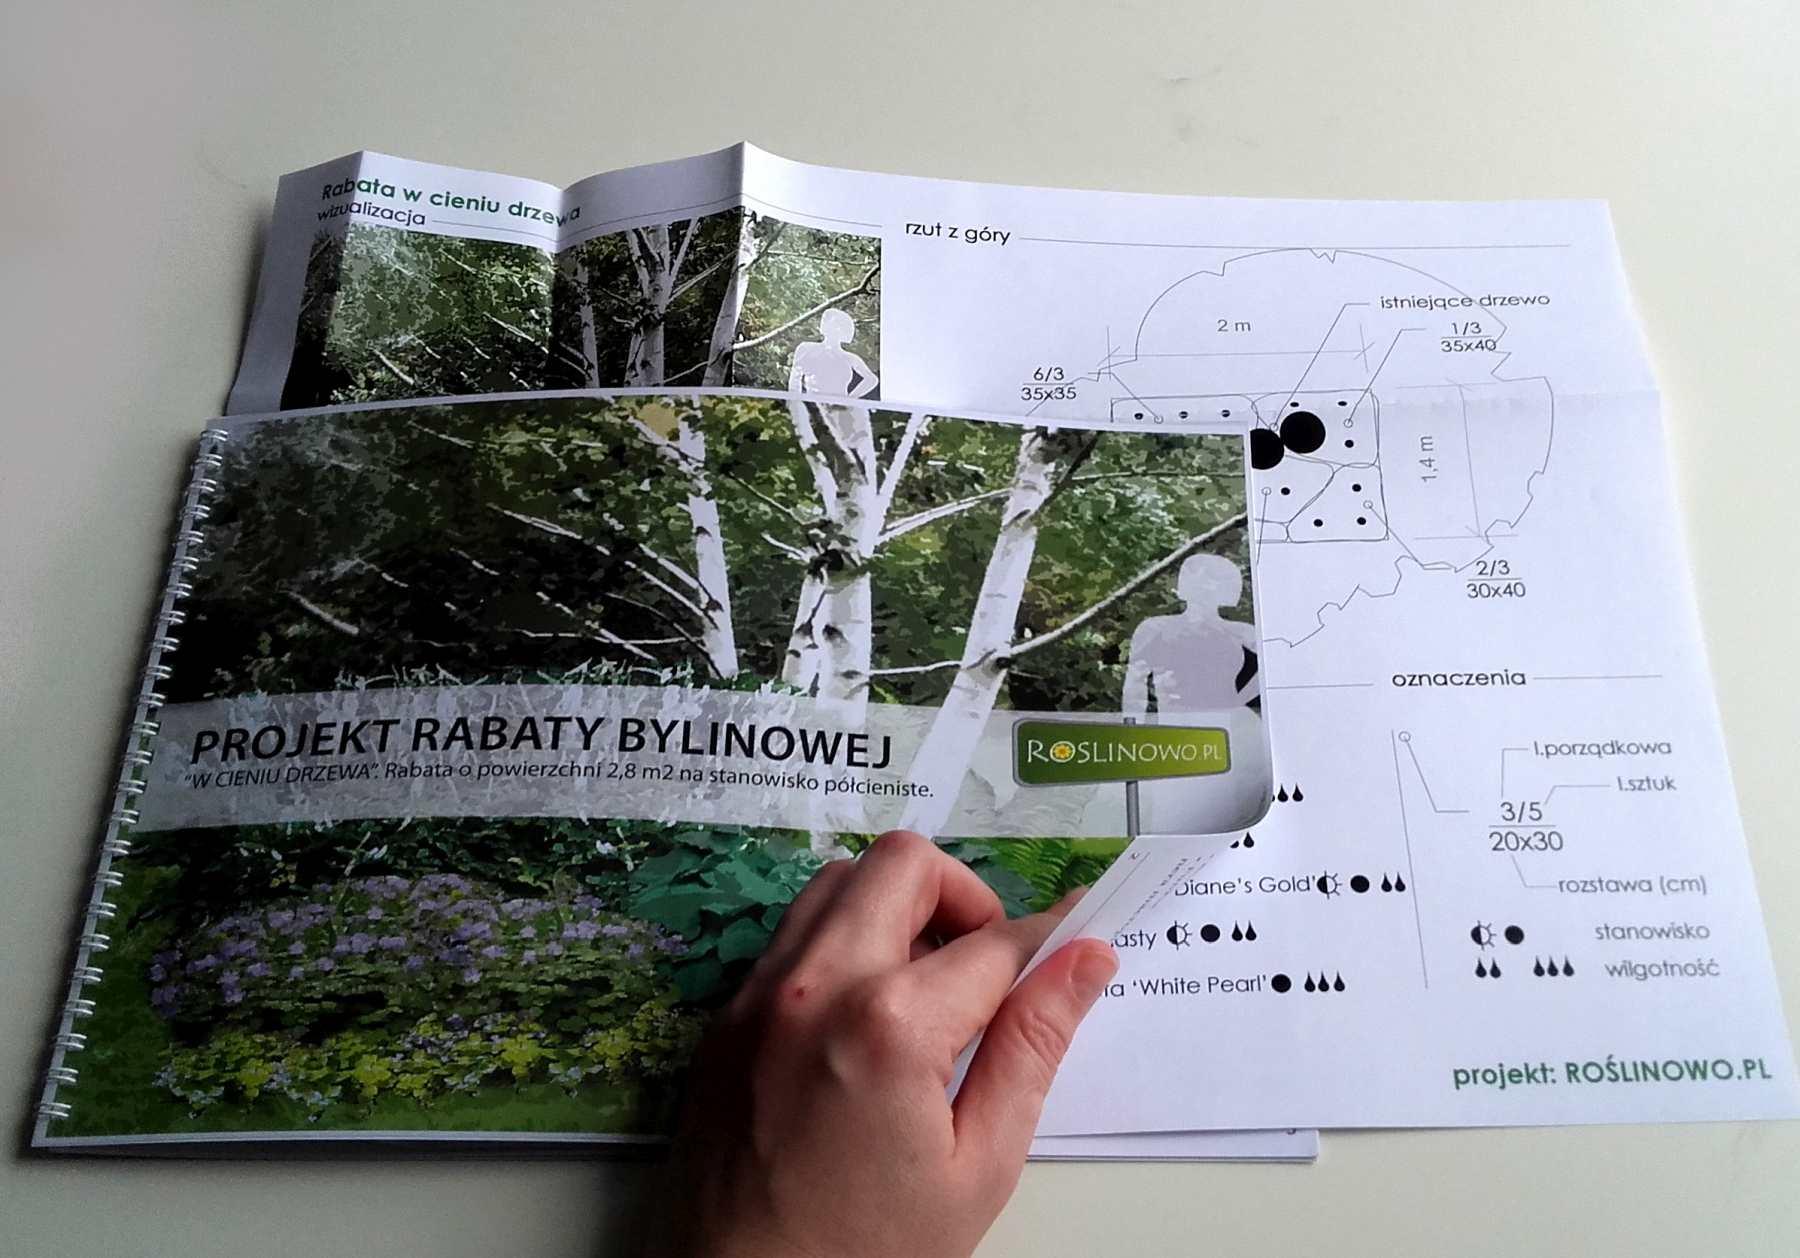 Okładka wraz z planszą rabaty bylinowej w cieniu drzewa.